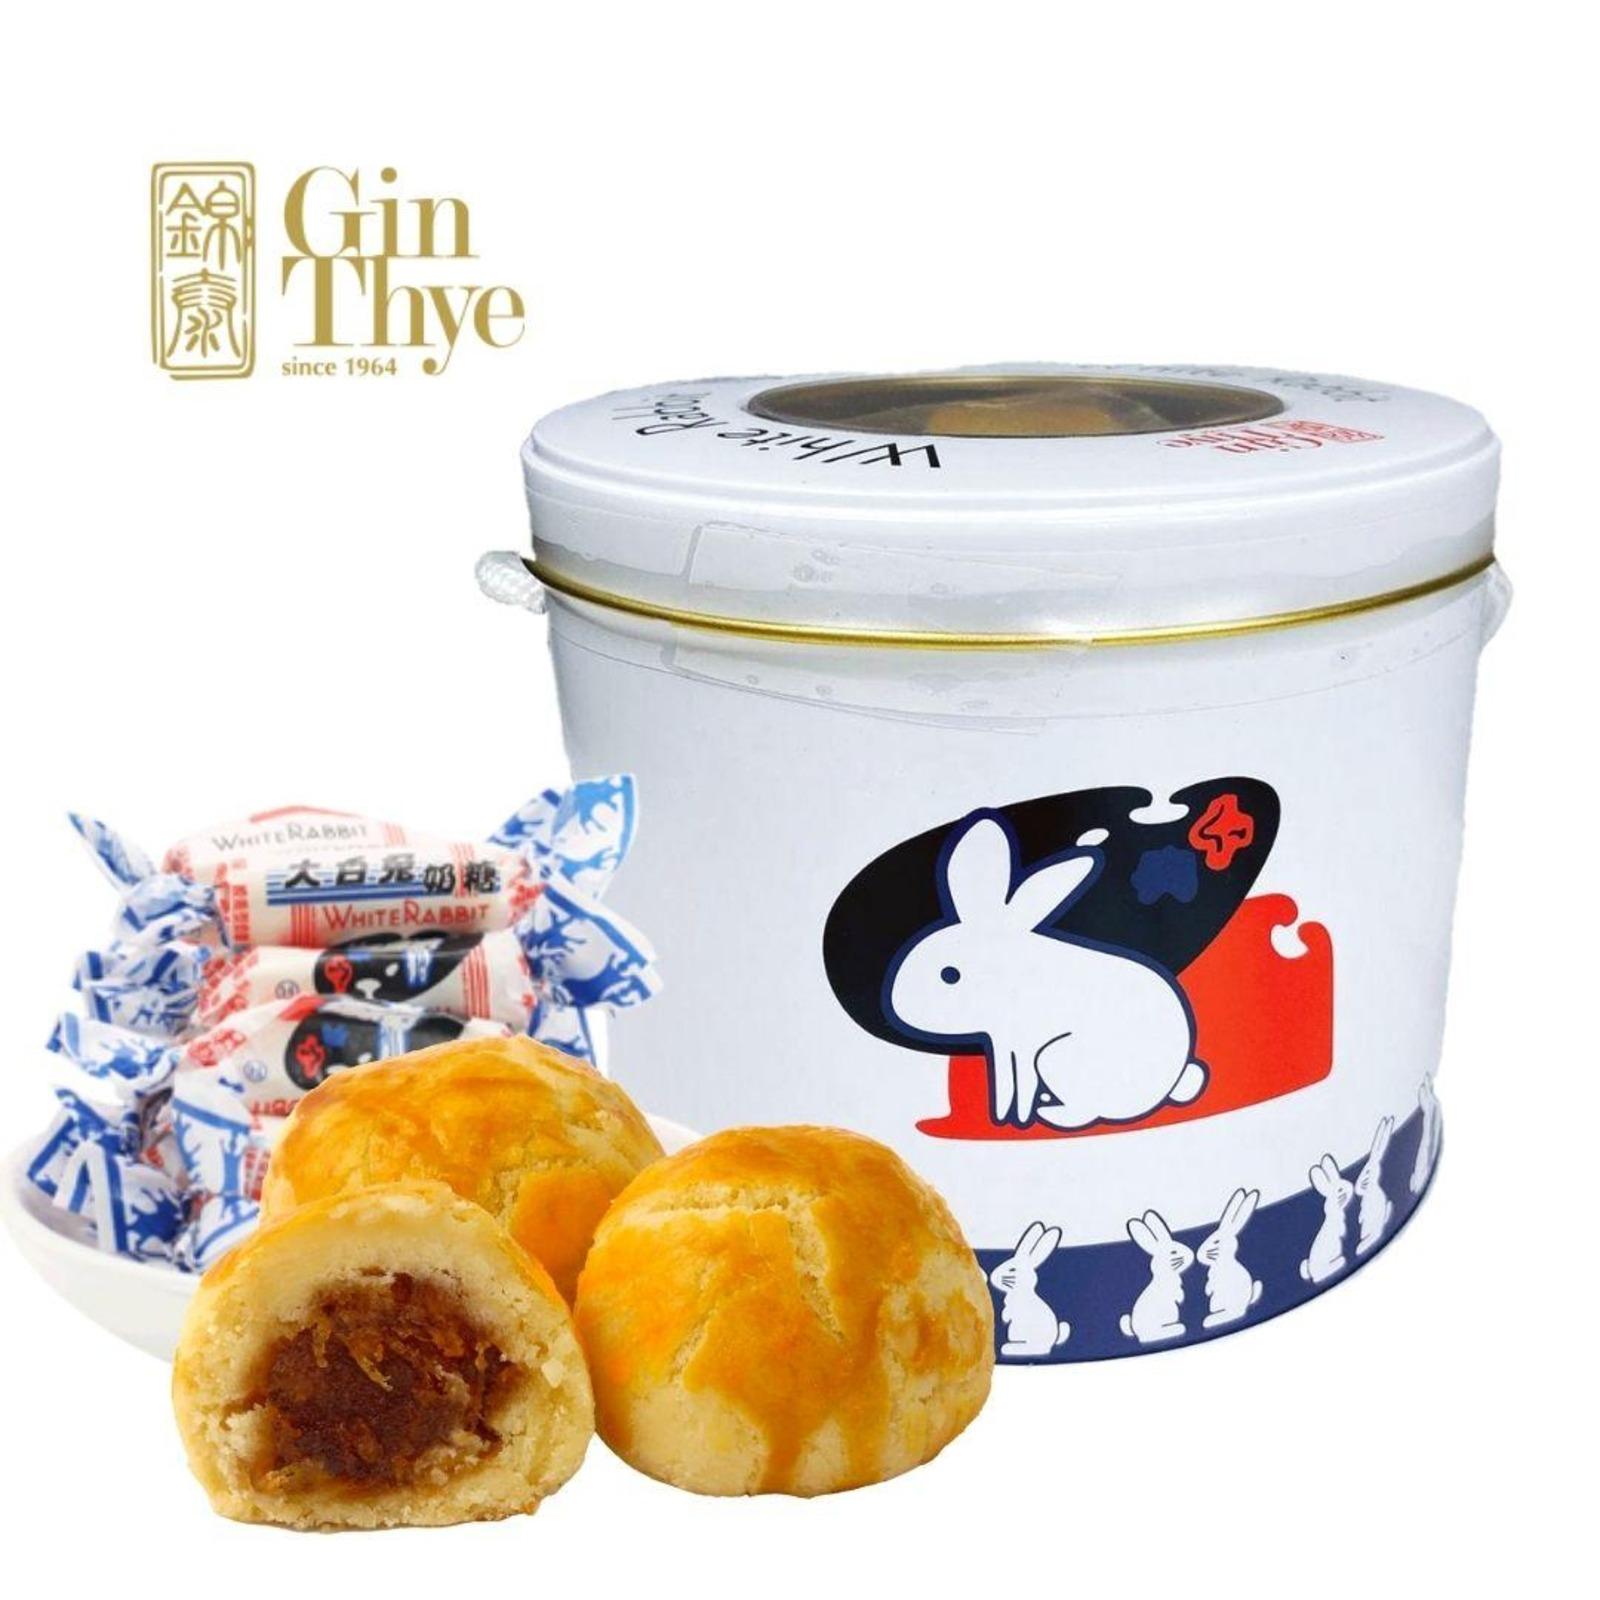 Gin Thye Pineapple Tart - White Rabbit Flavored